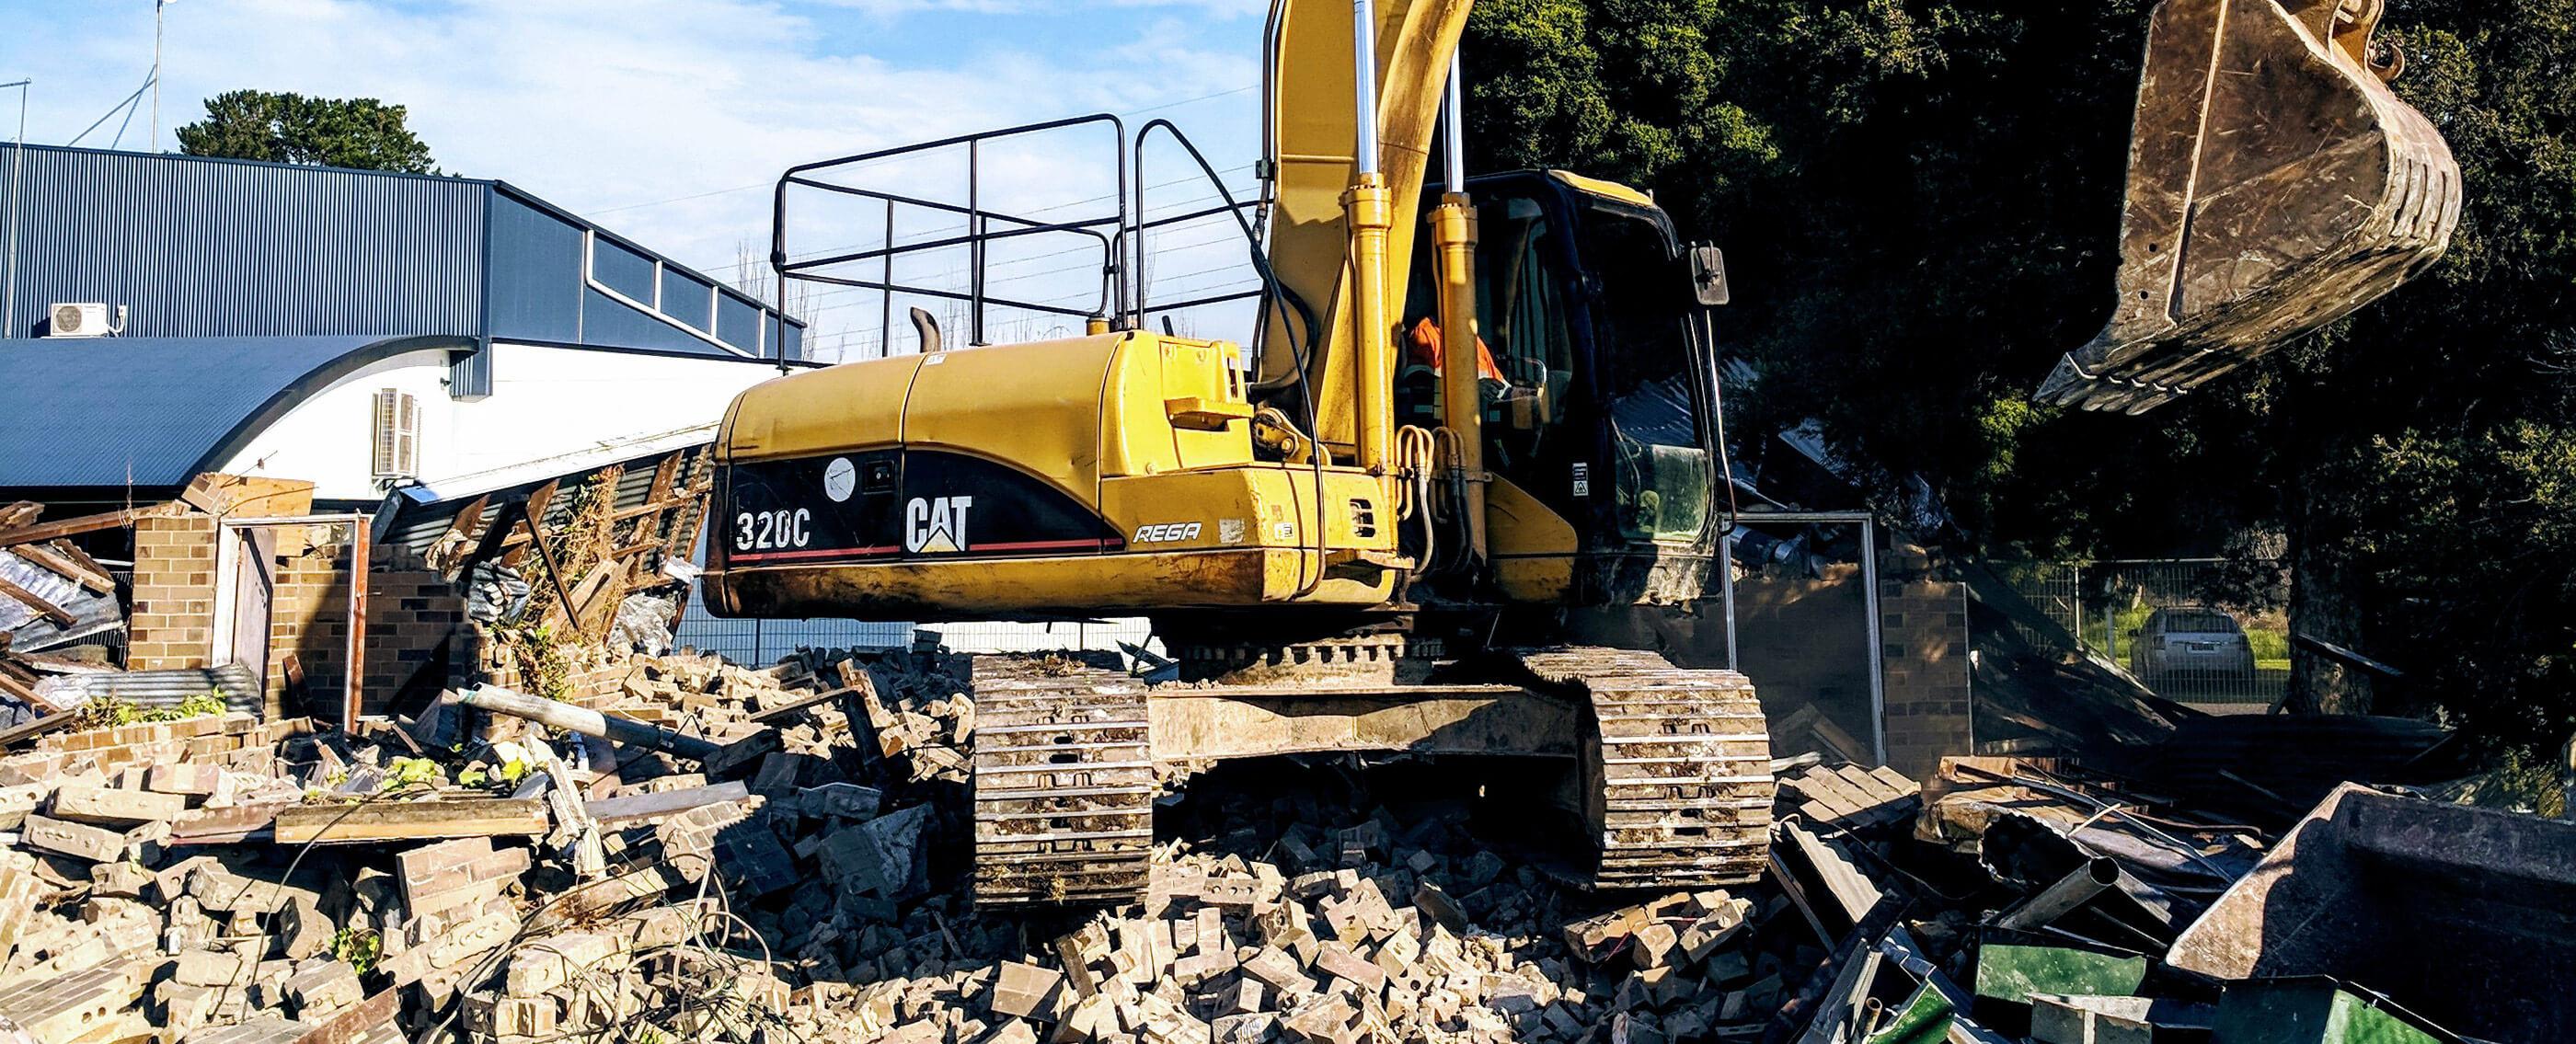 Demolition in progress by Crosby Contractors